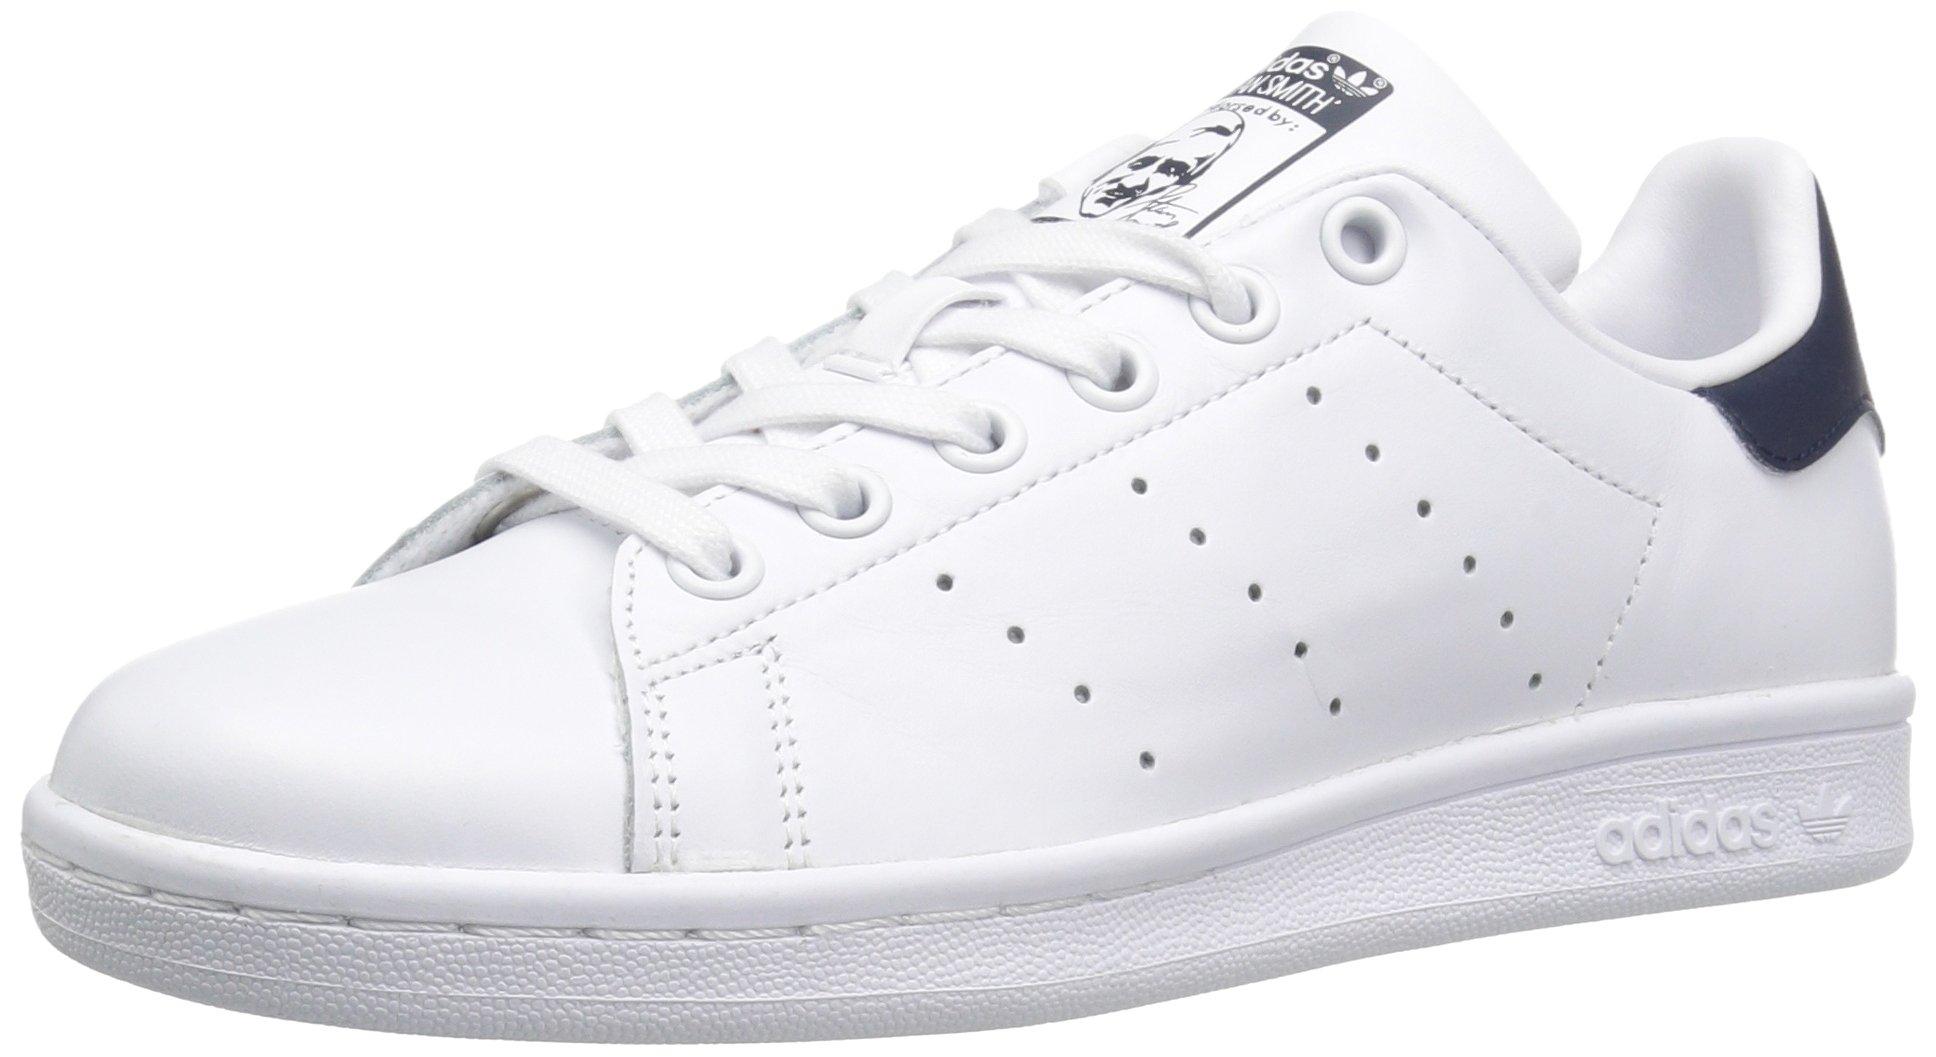 adidas Originals Women's Stan Smith Sneaker, Footwear White/Collegiate Navy, 7 by adidas Originals